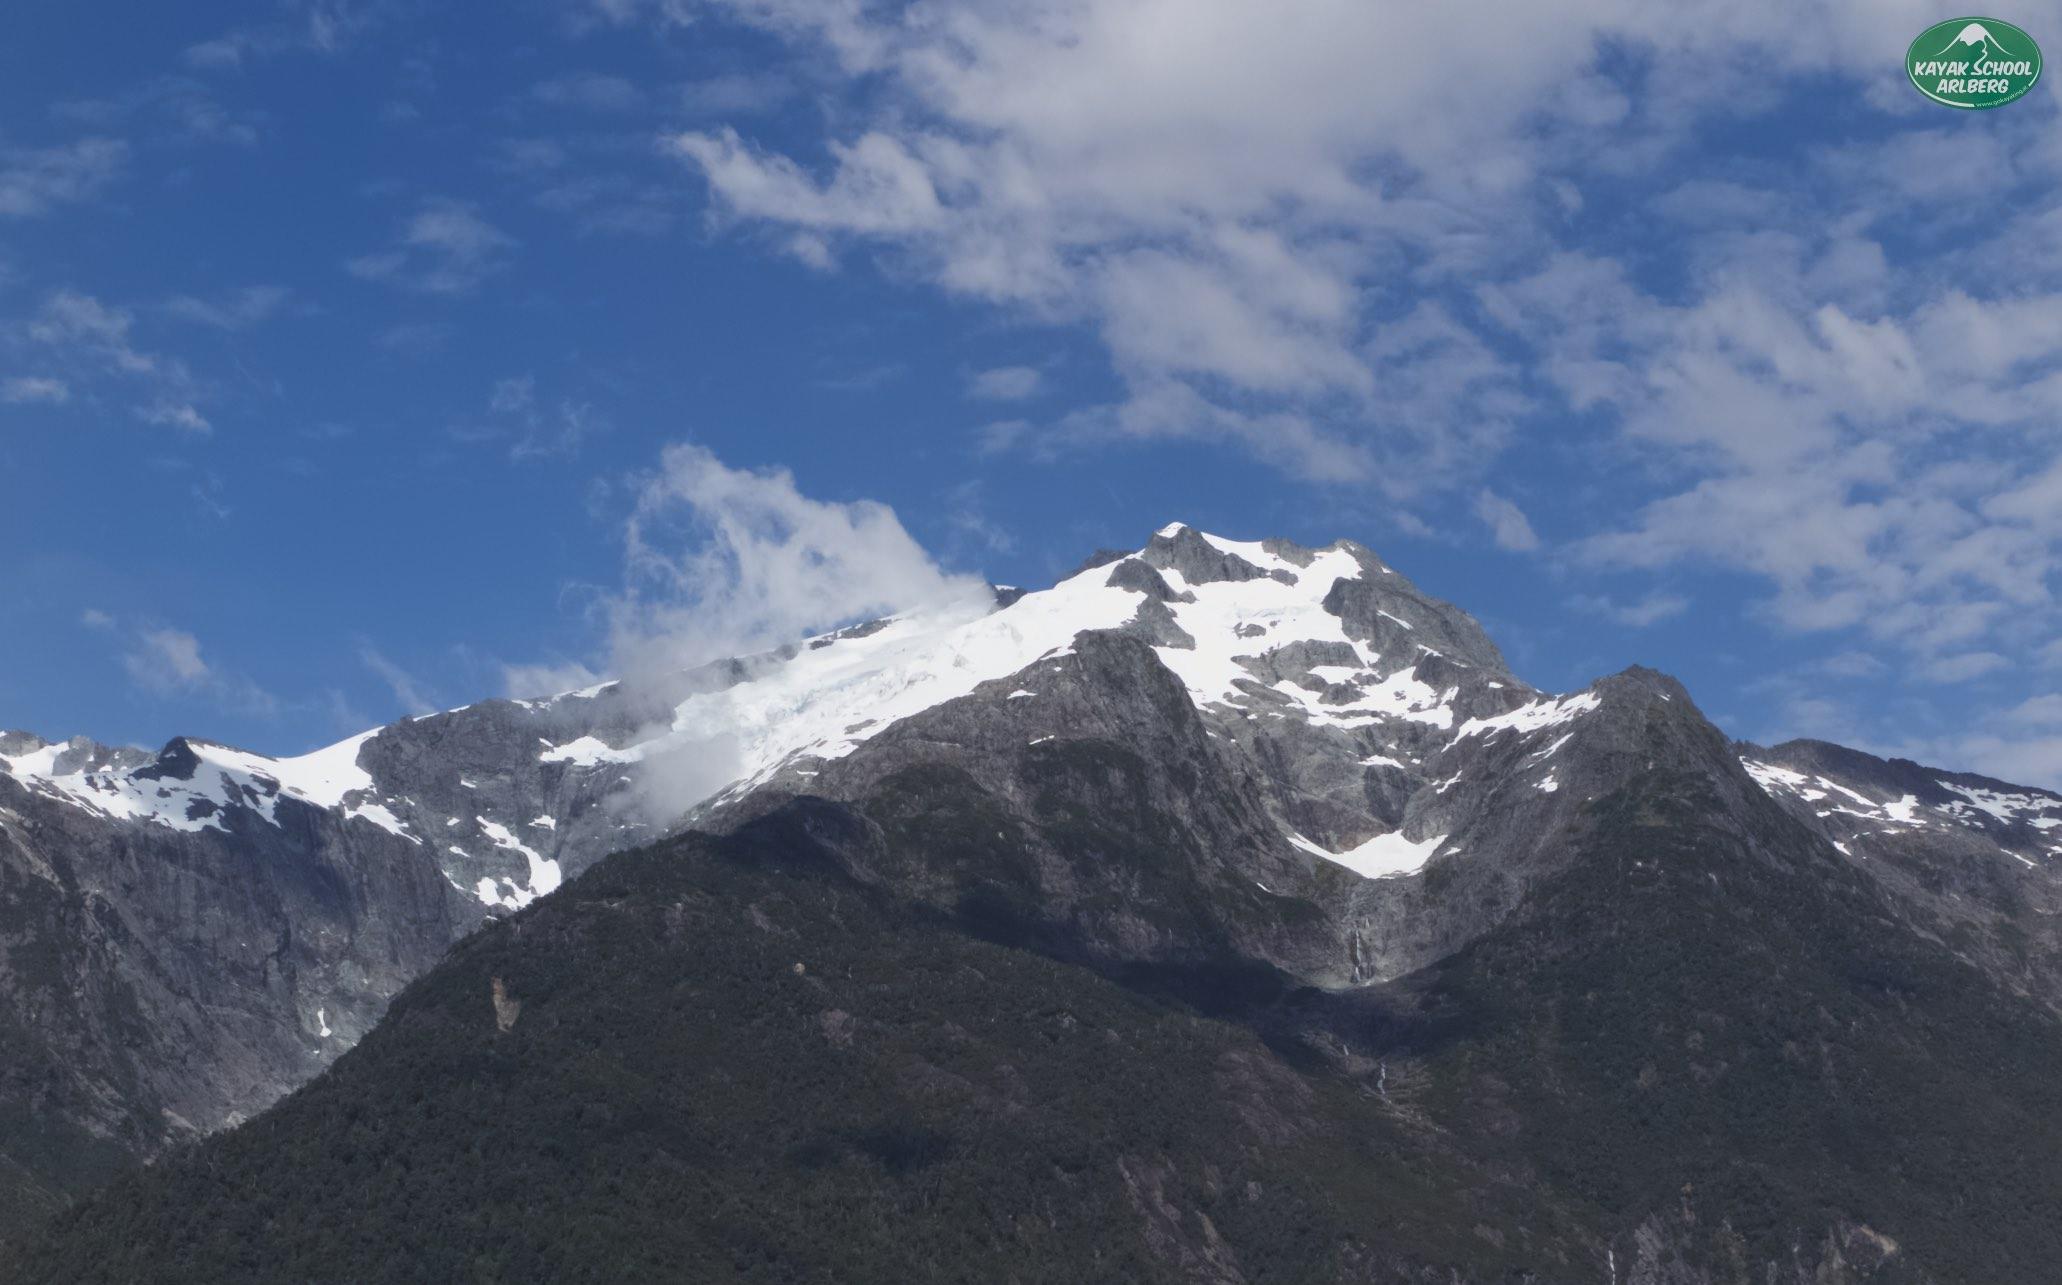 Kayak-Chile-Patagonia-07.jpg